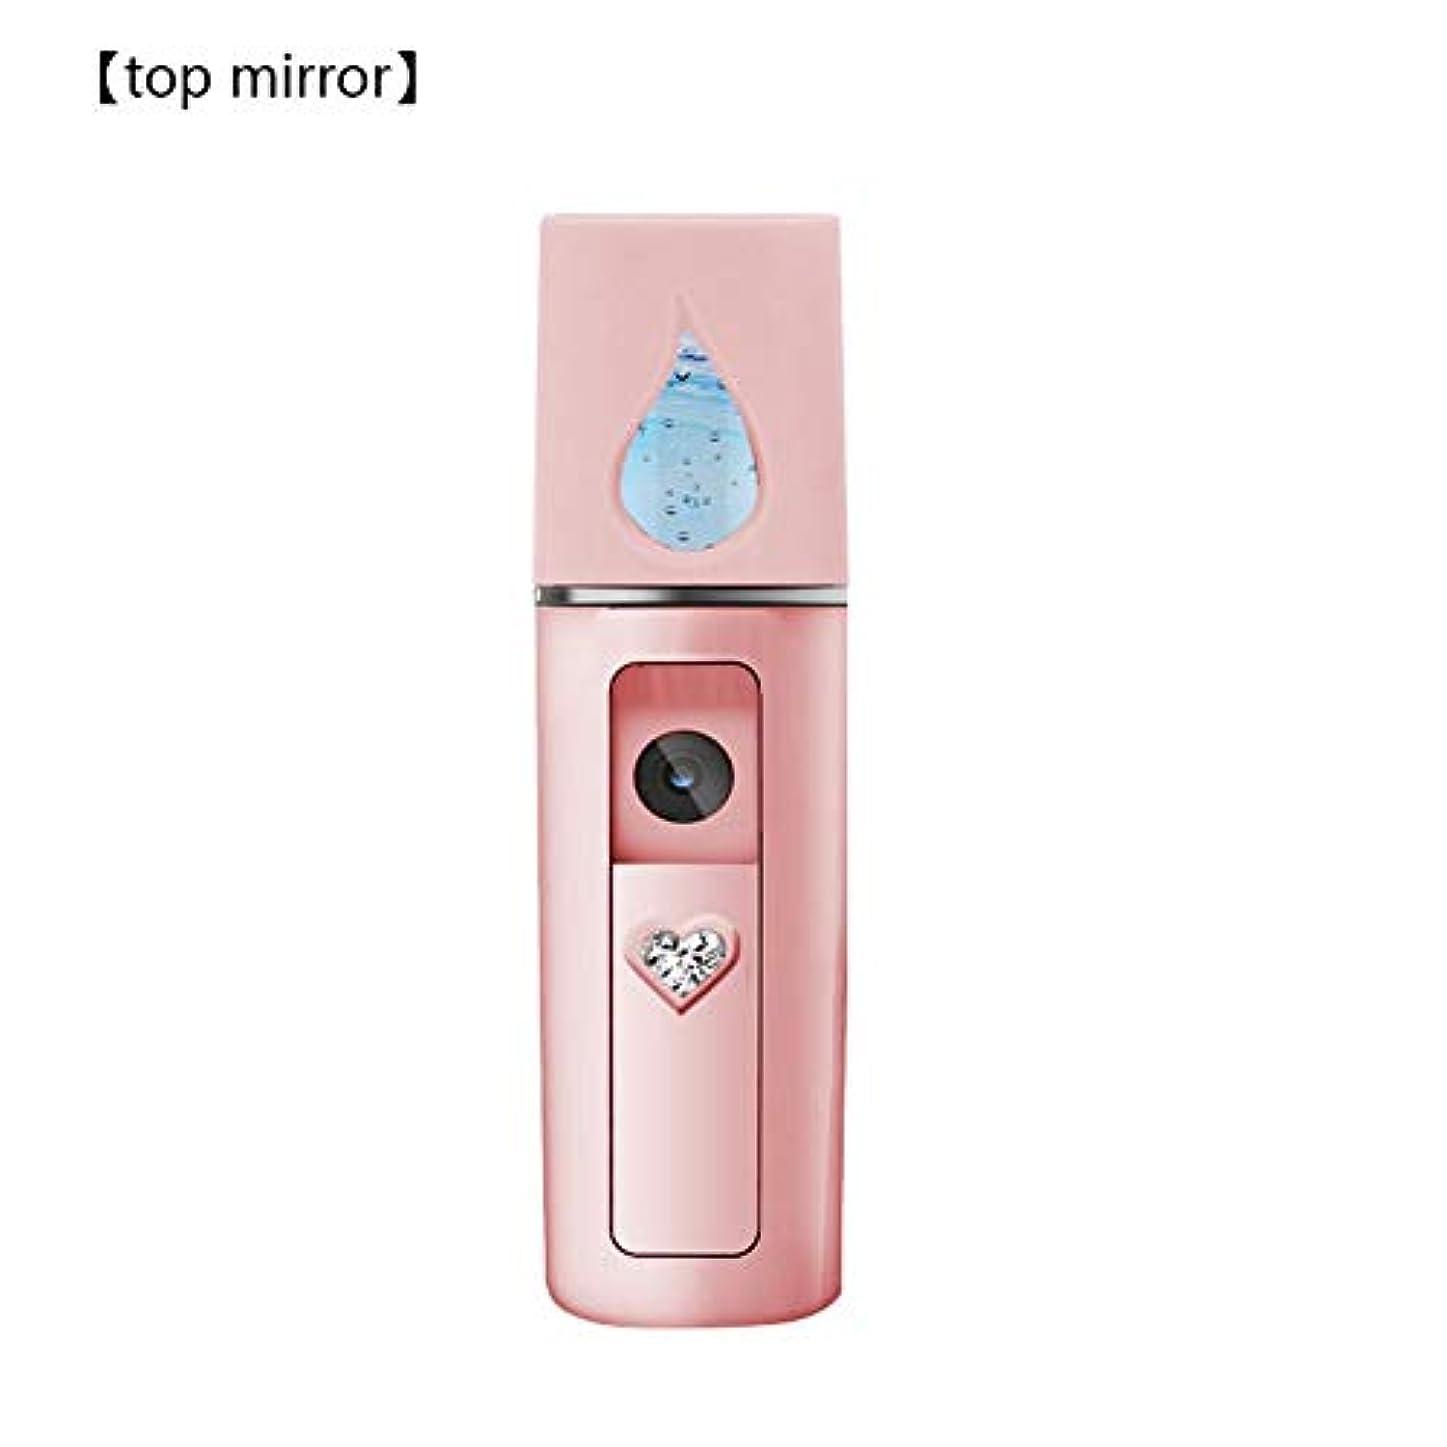 変色するクリープタワー冷たい保湿スプレー、美しいフェイシャルスプレーメイクアップミラー。 USB充電インターフェイスは、まつげエクステンション用の高度な保湿フェイシャルスチームです (Color : Pink-B)